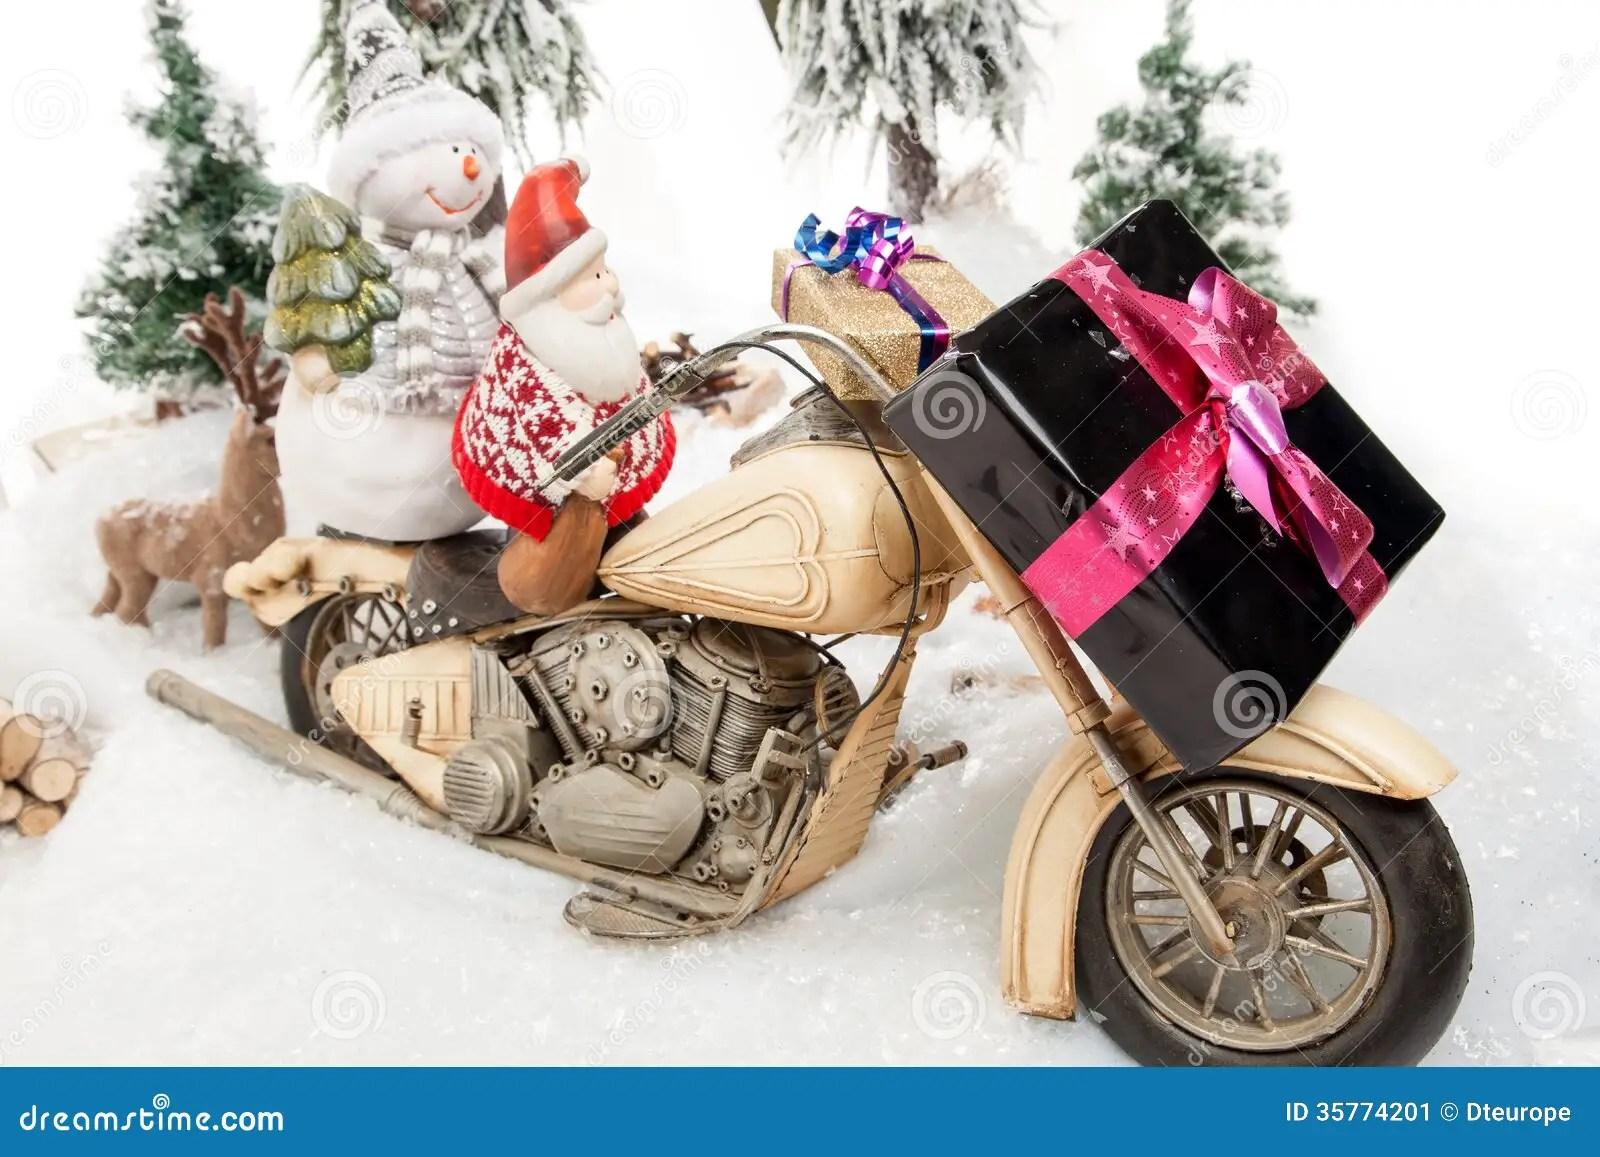 Santa Claus Motorcycle Trip Stock Image Image 35774201